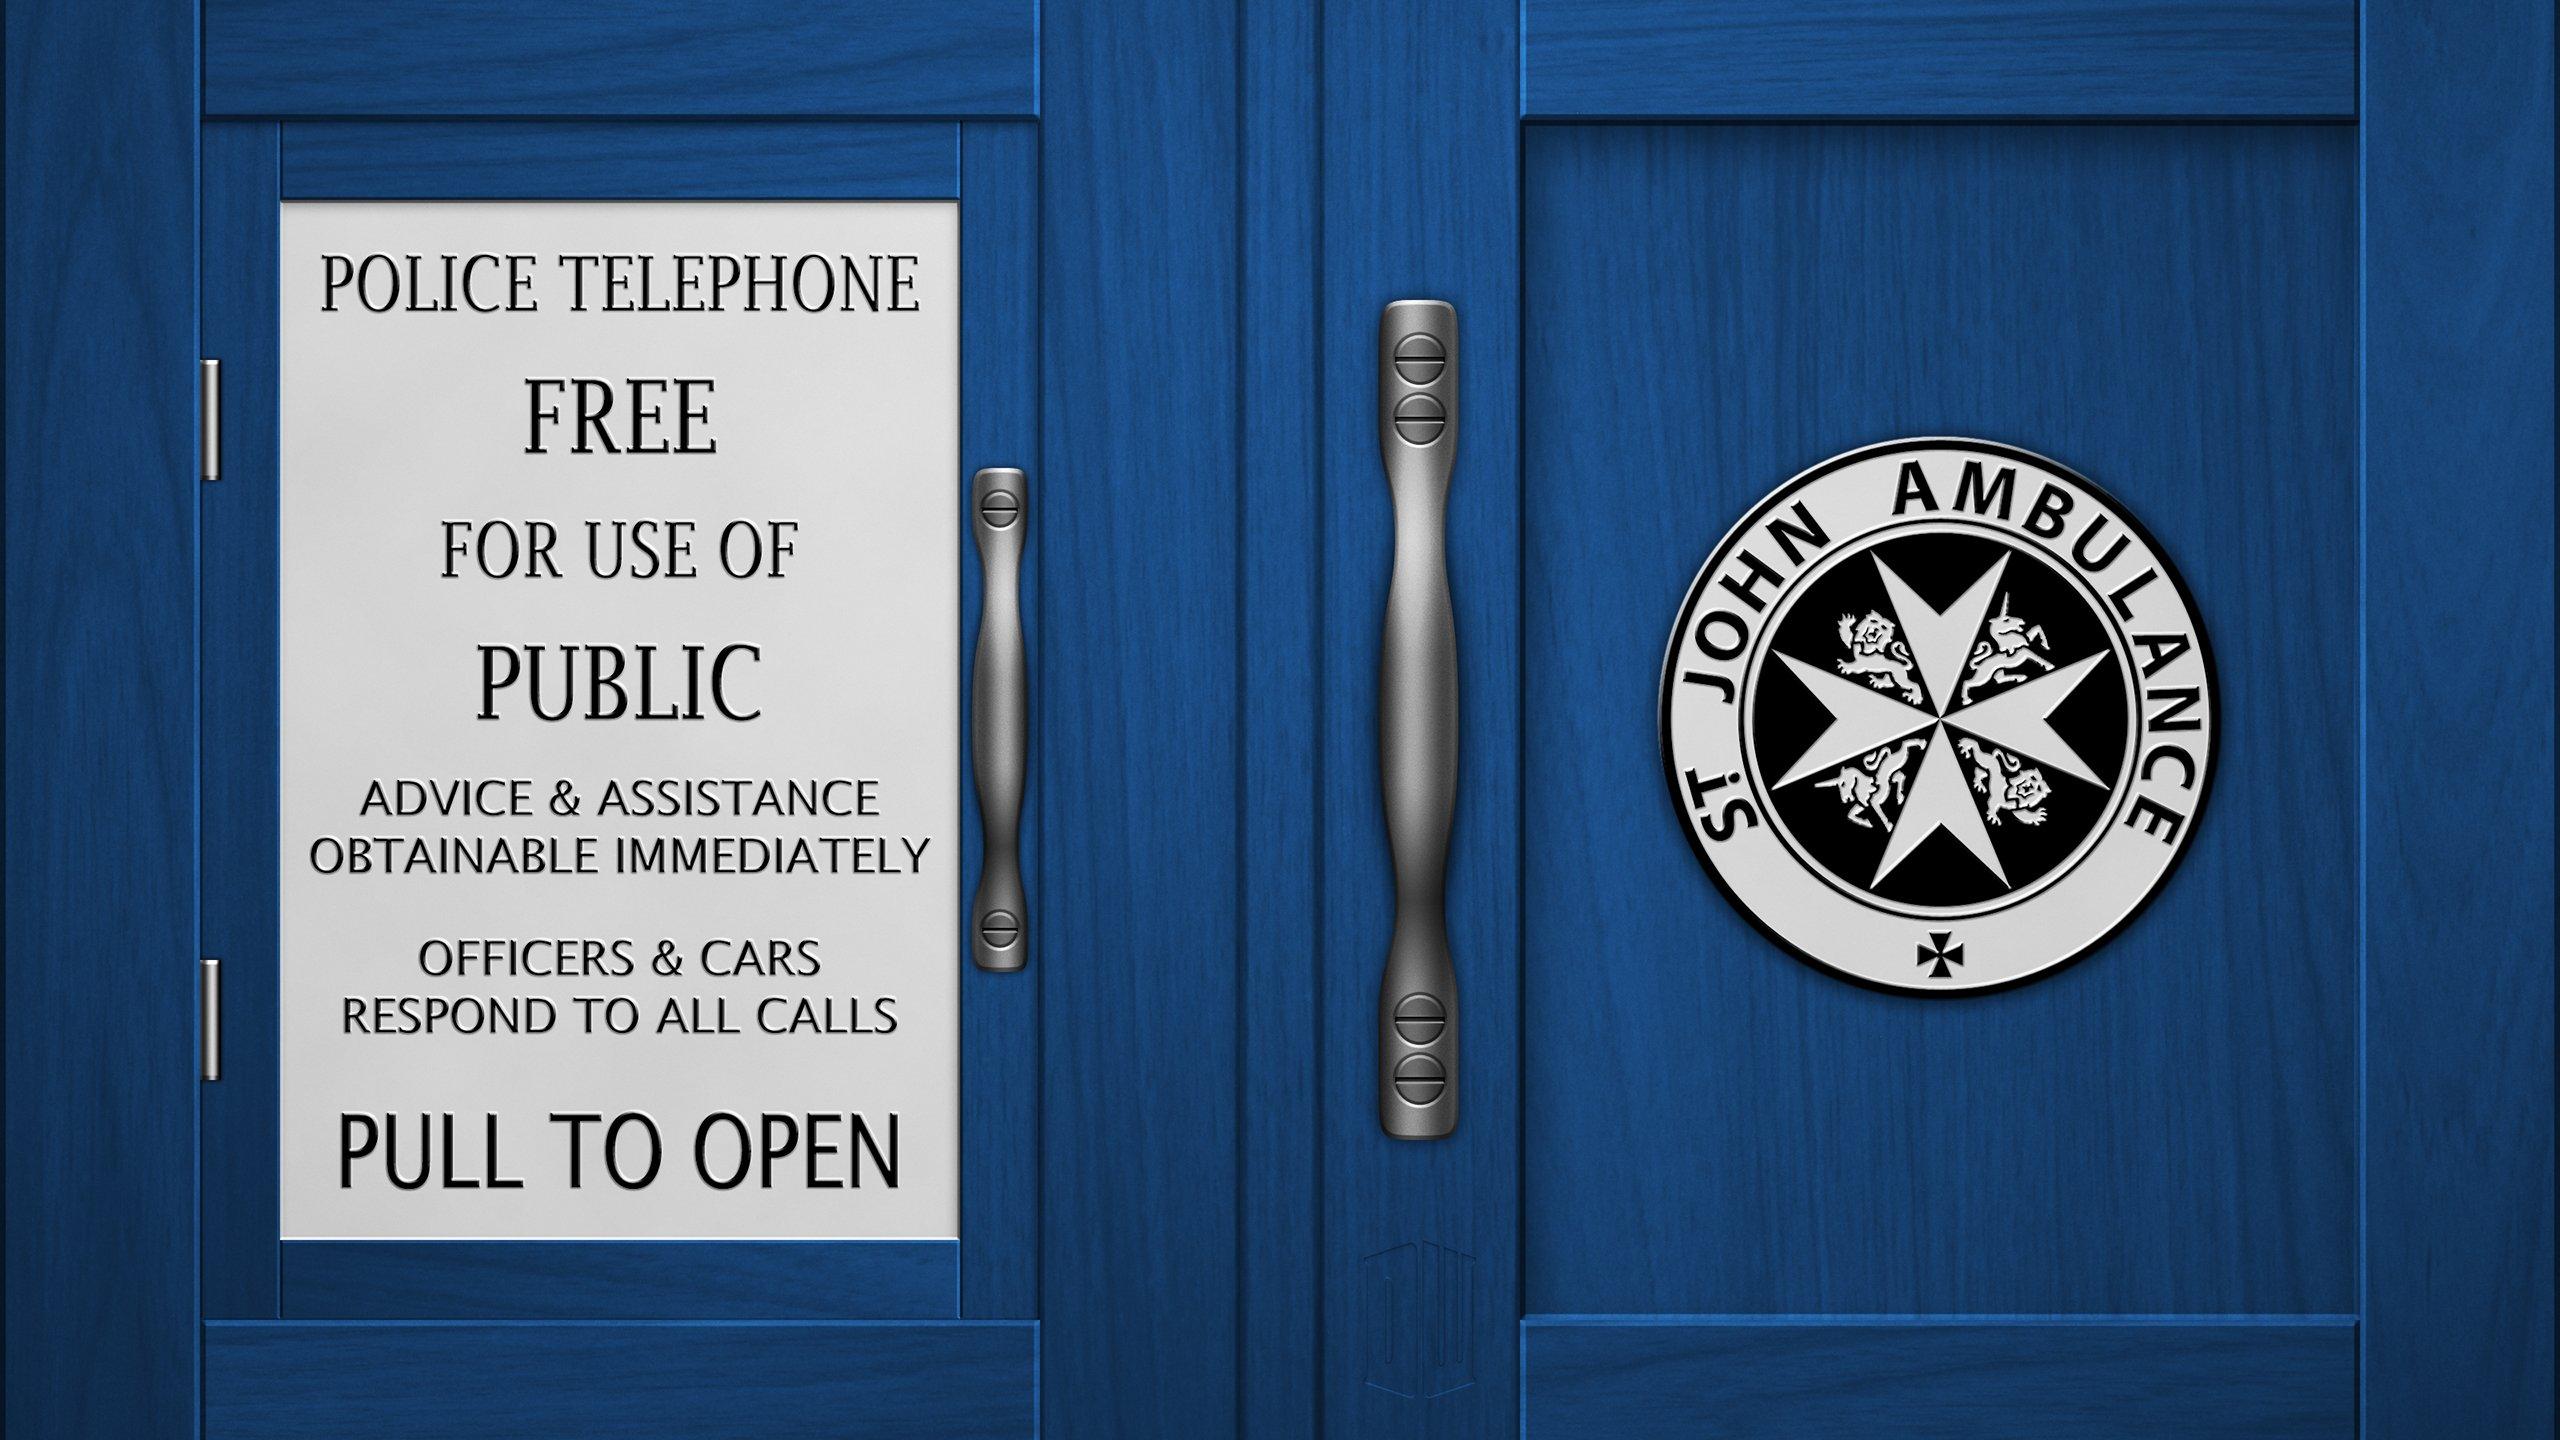 tardis doors widescreen wallpaper - photo #24